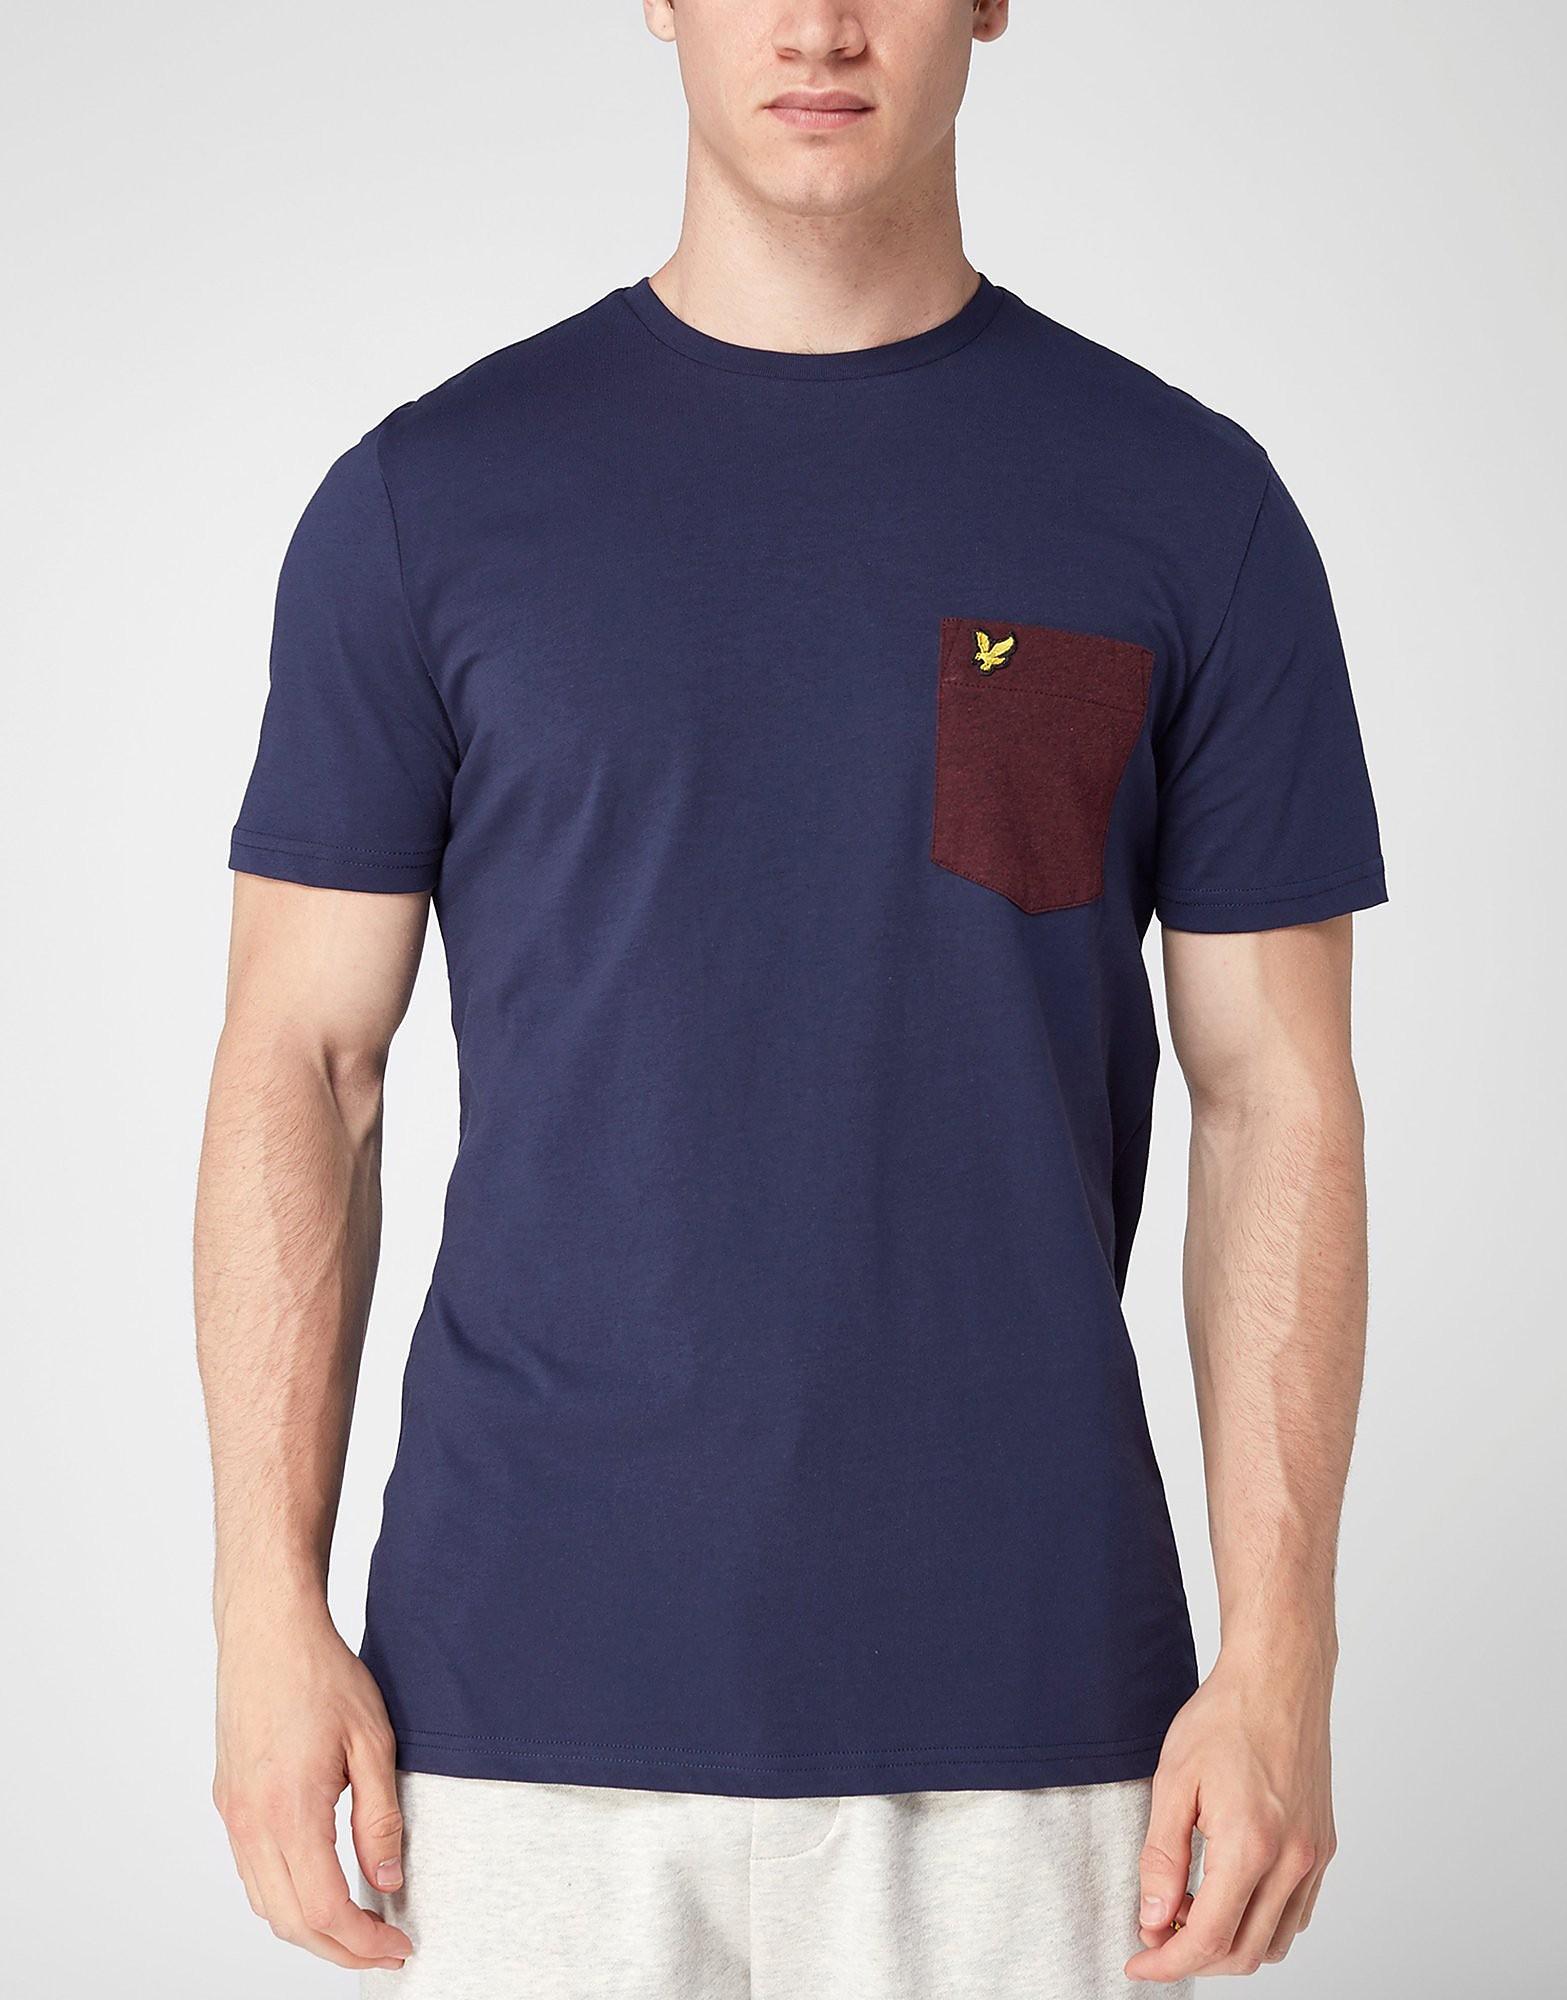 Lyle & Scott Contrast Pocket T-Shirt